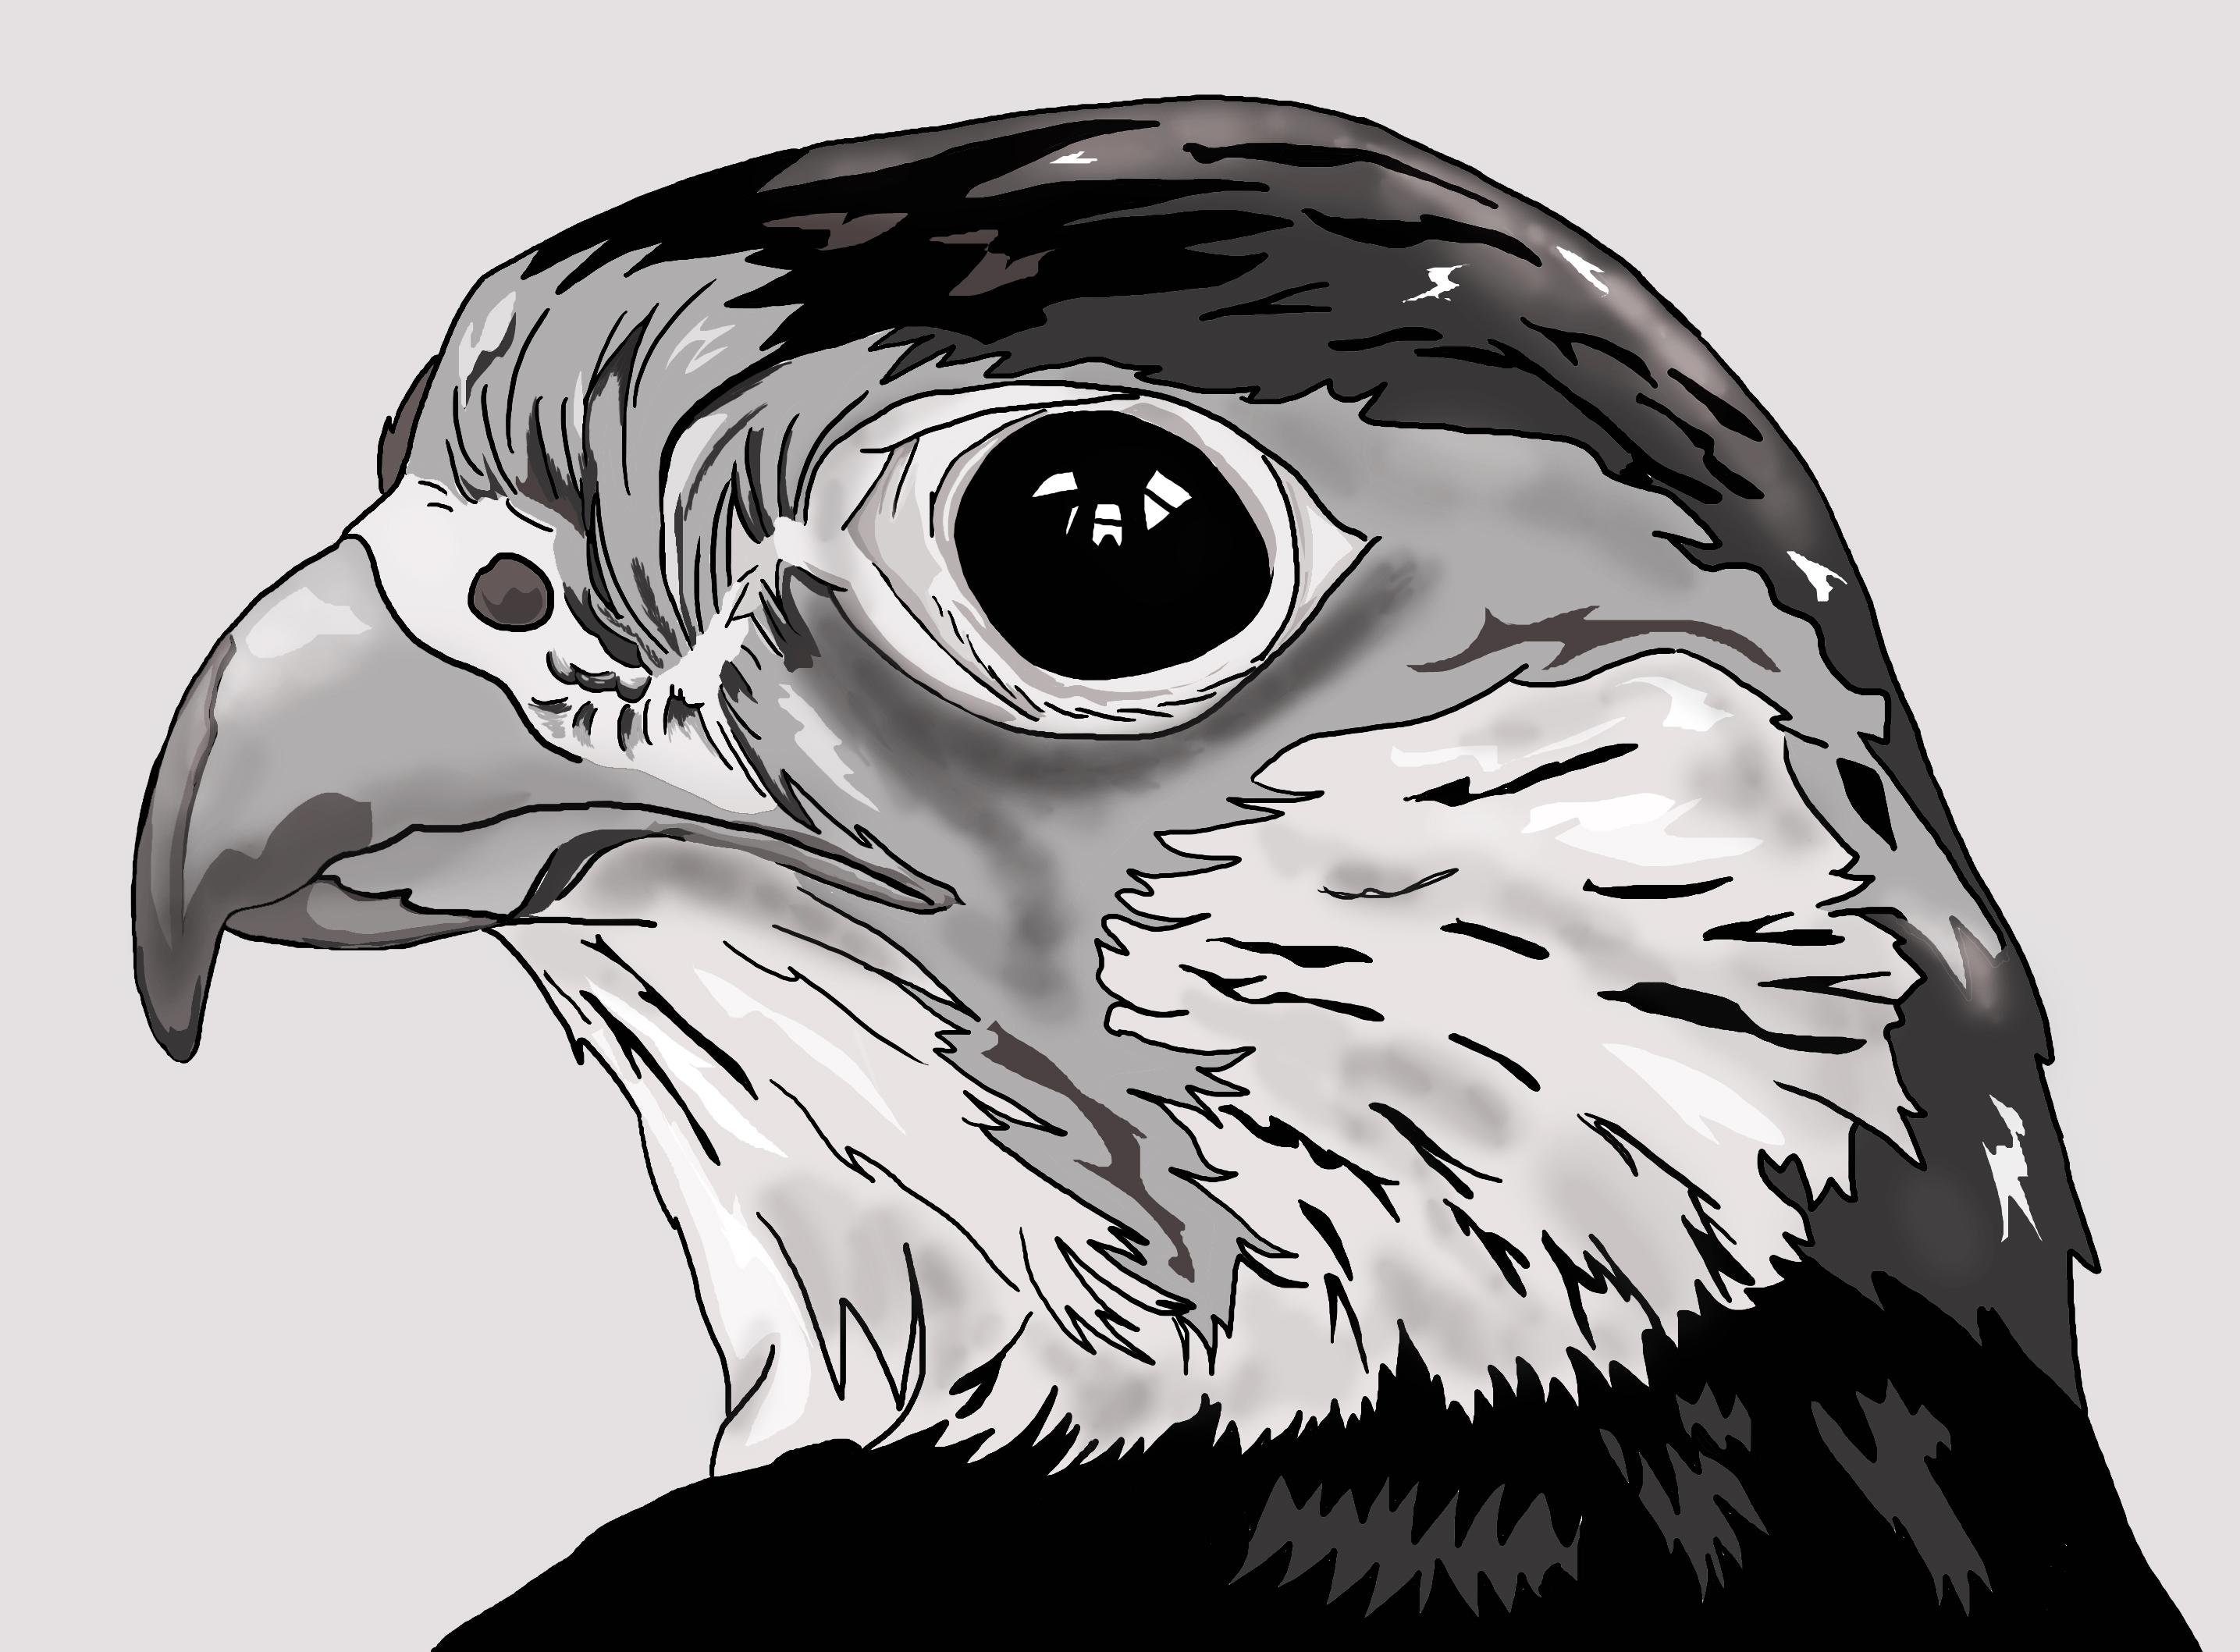 Drawn falcon Head Head Drawing photo#12 Falcon